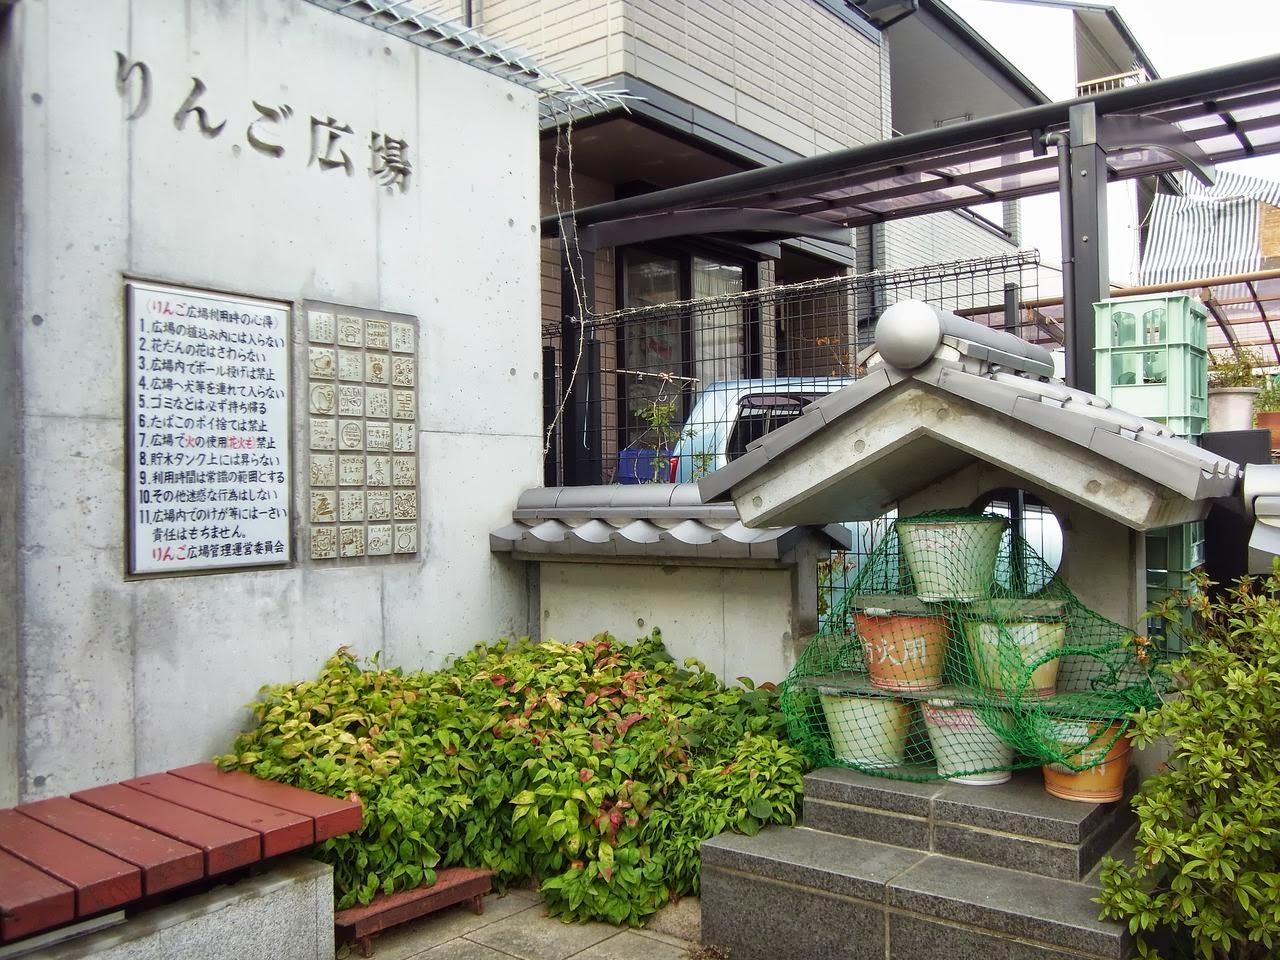 りんご広場(大阪市生野区)